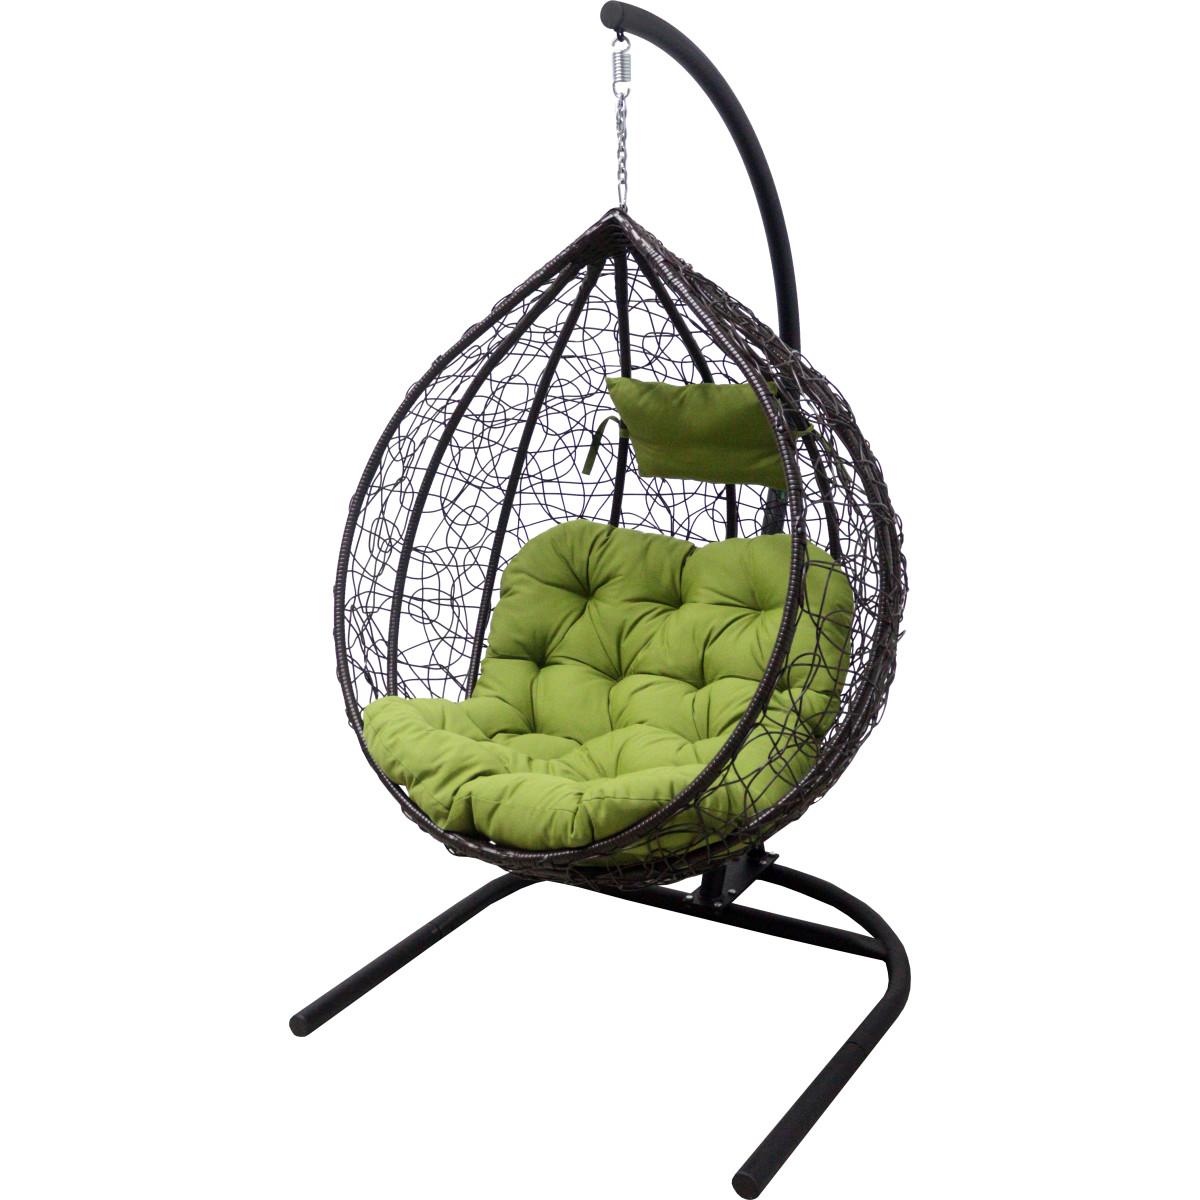 Кресло подвесное с опорой Veil 102x200x126 см искусственный ротанг темно-коричневый/оливковый